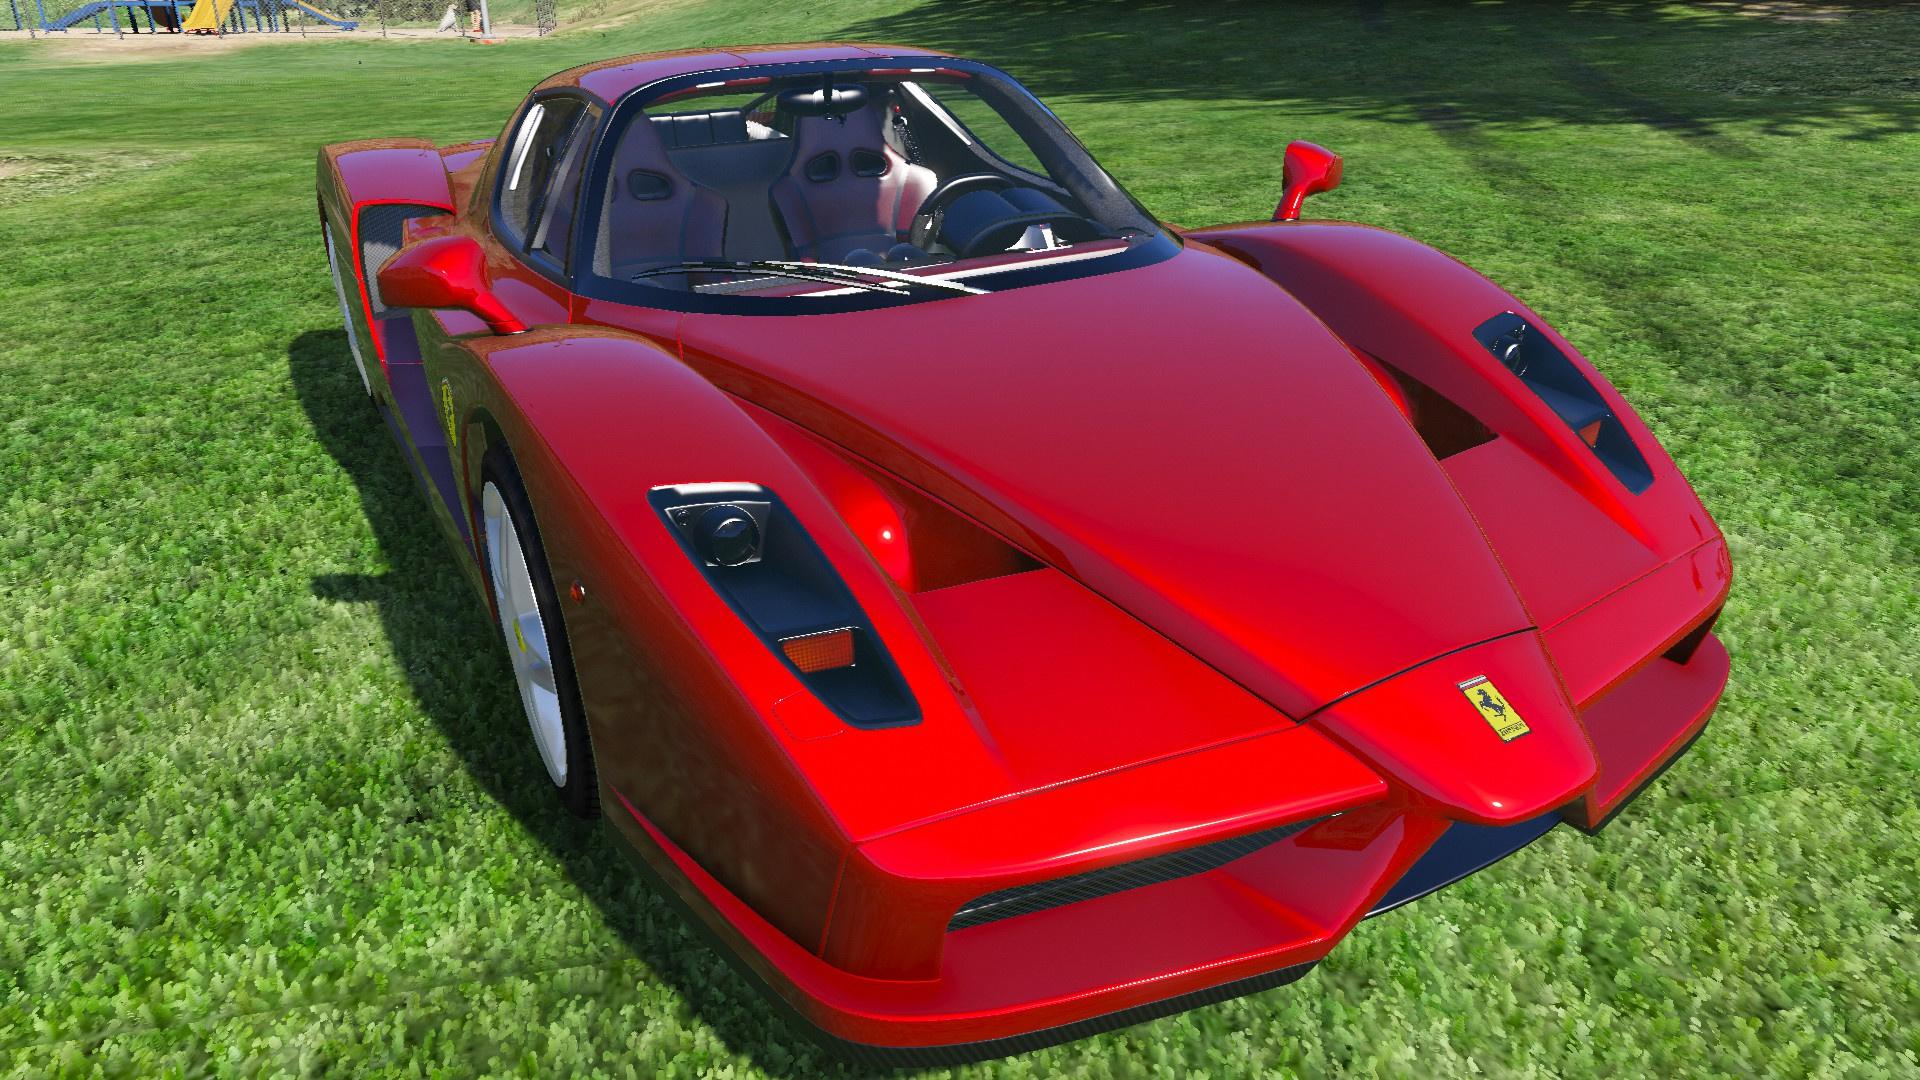 2002 Ferrari Enzo Ferrari - GTA5-Mods.com